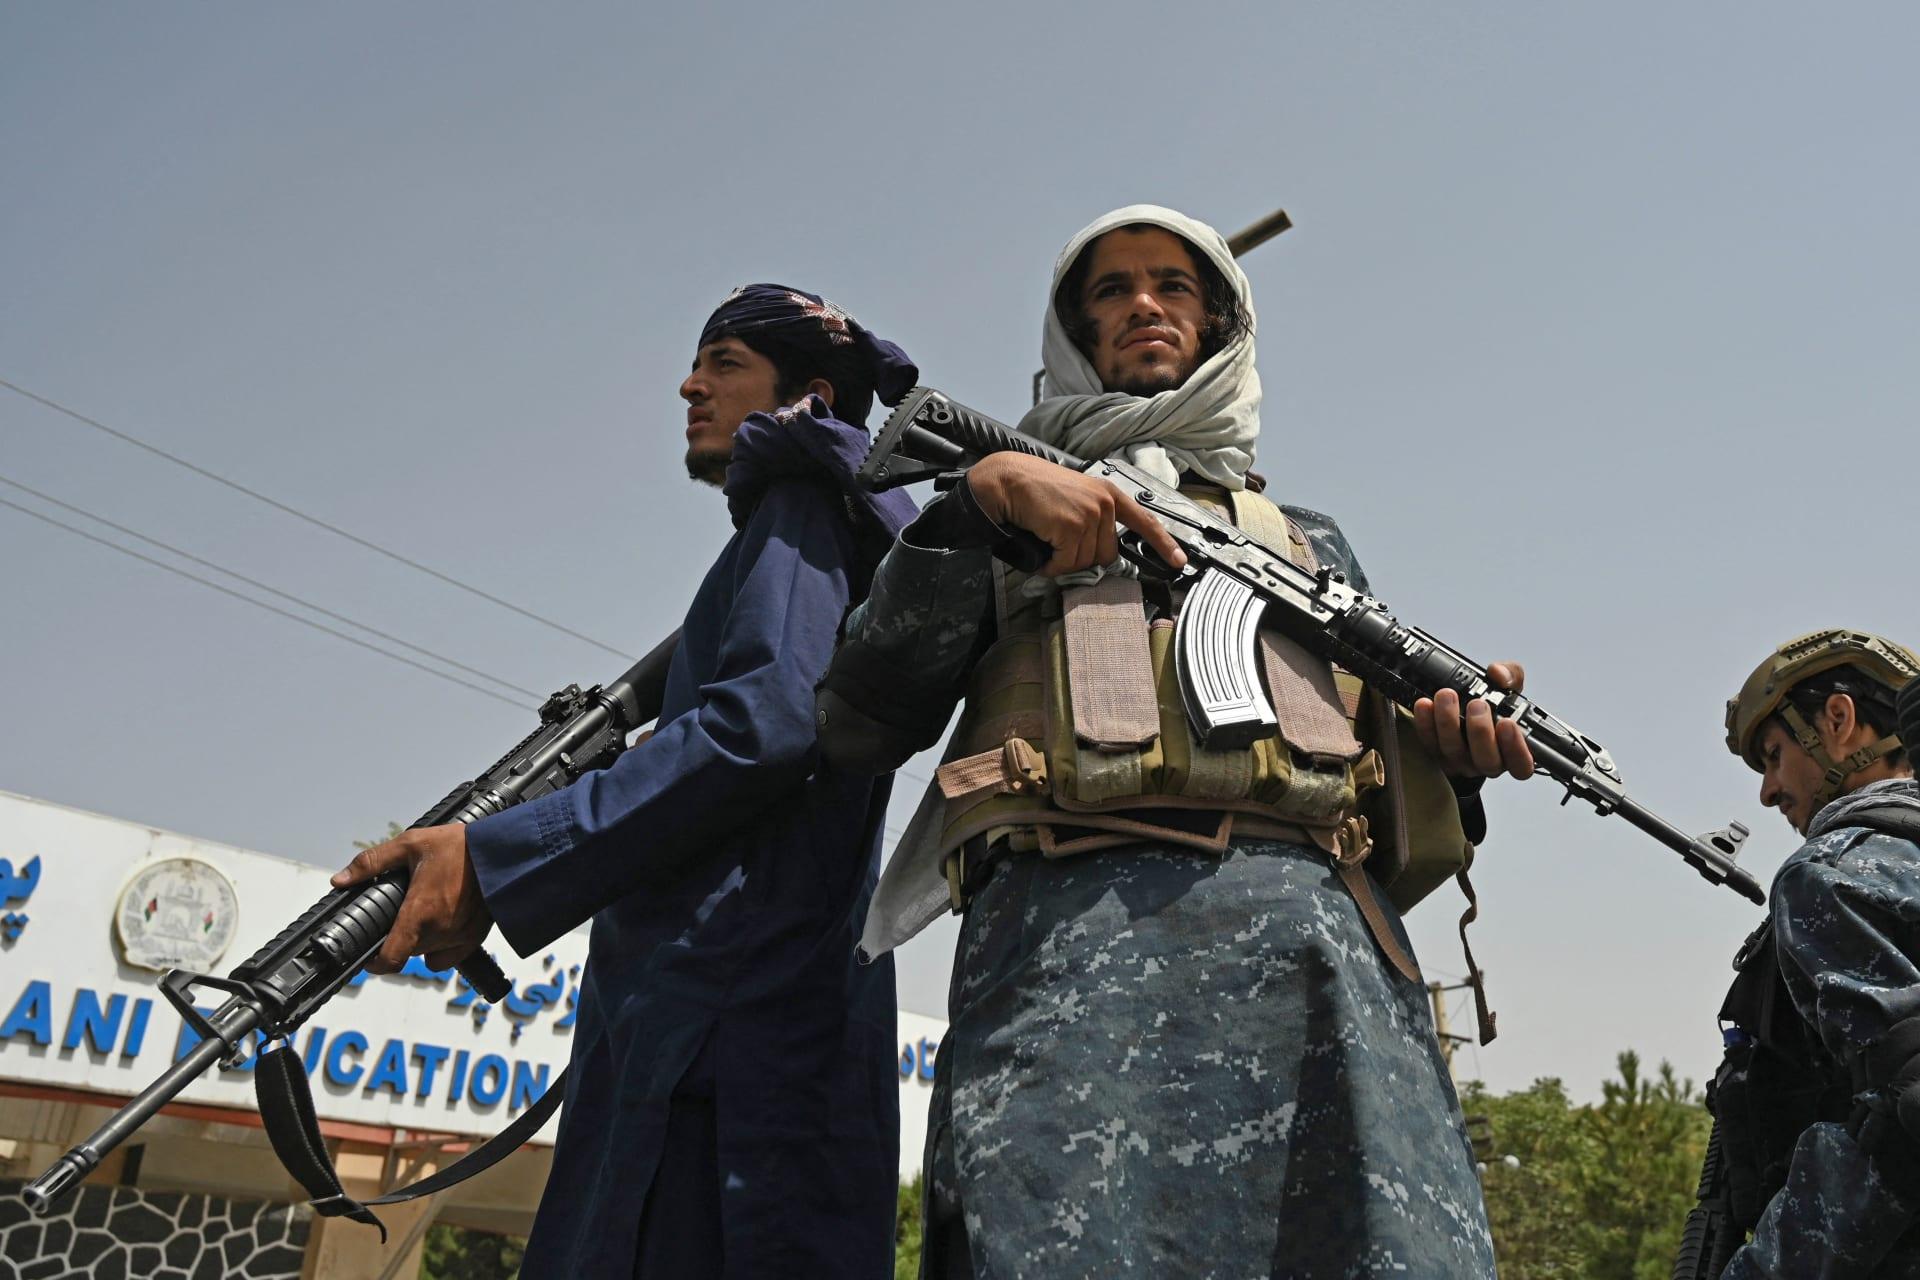 مقاتلو طالبان خارج جامعة الشهيد رباني في كابول - 11 سبتمبر 2021